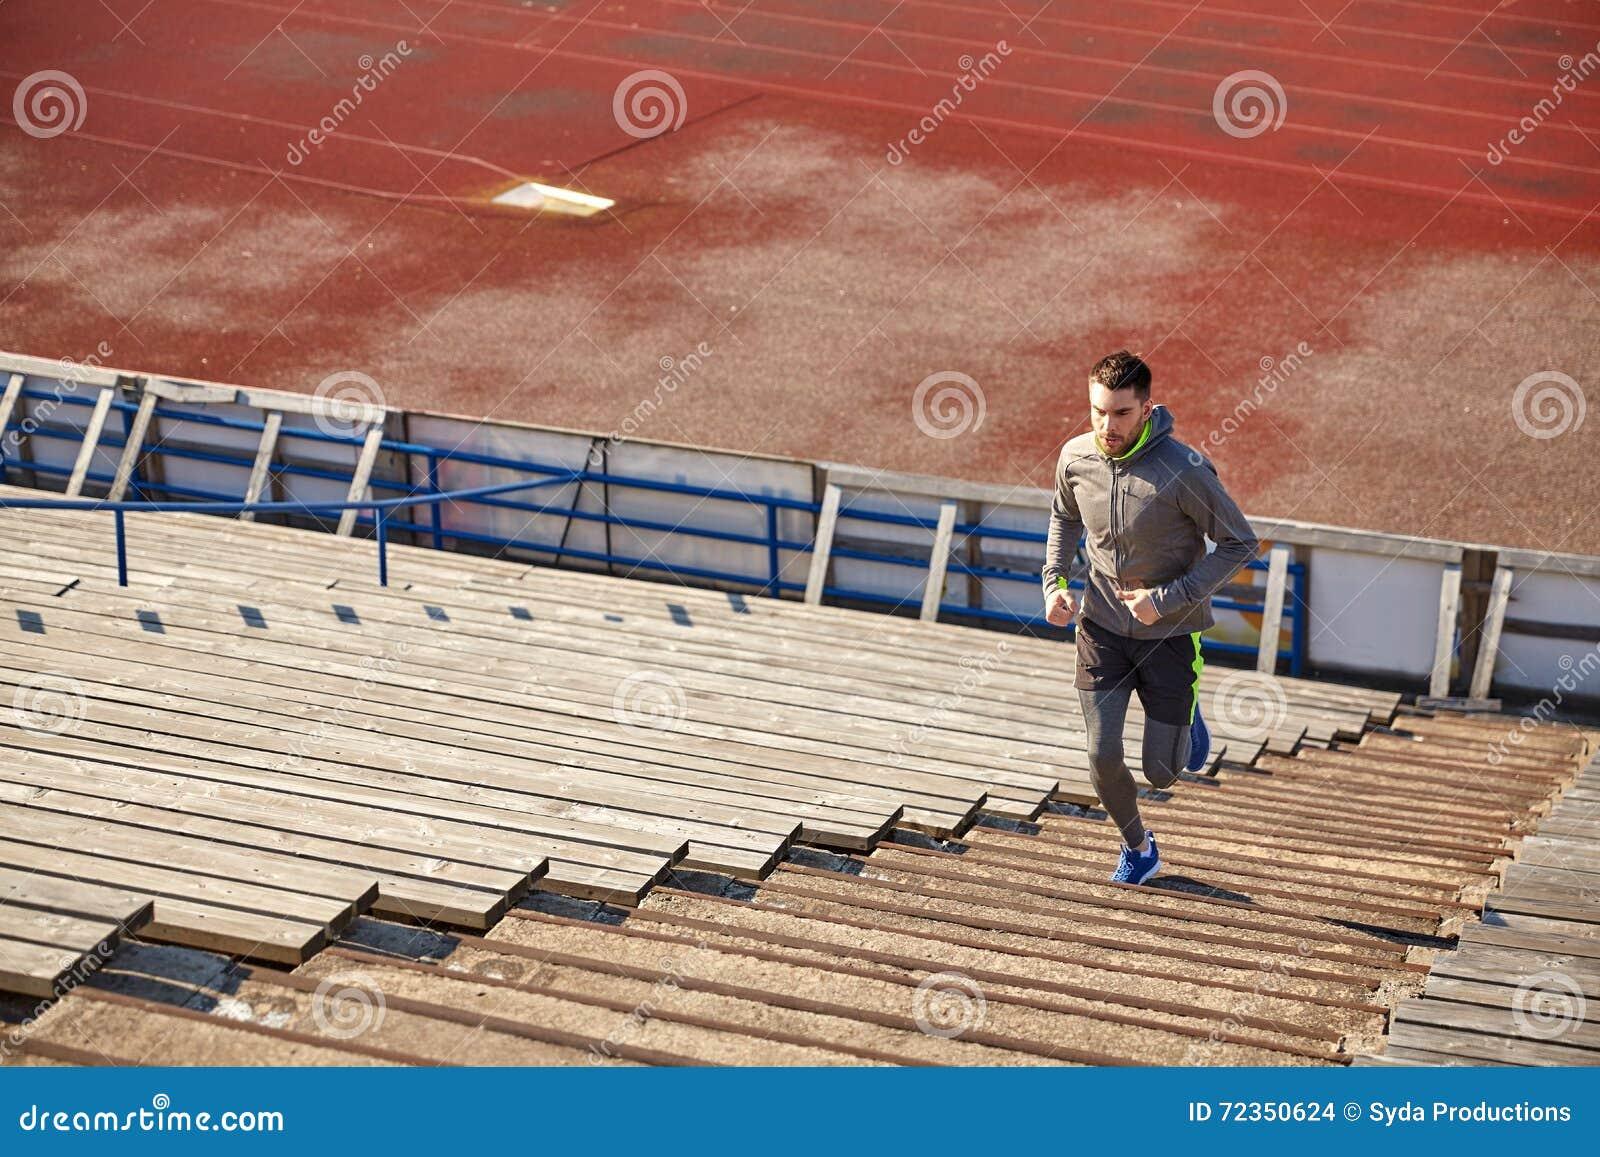 跑在楼上在体育场的愉快的年轻人